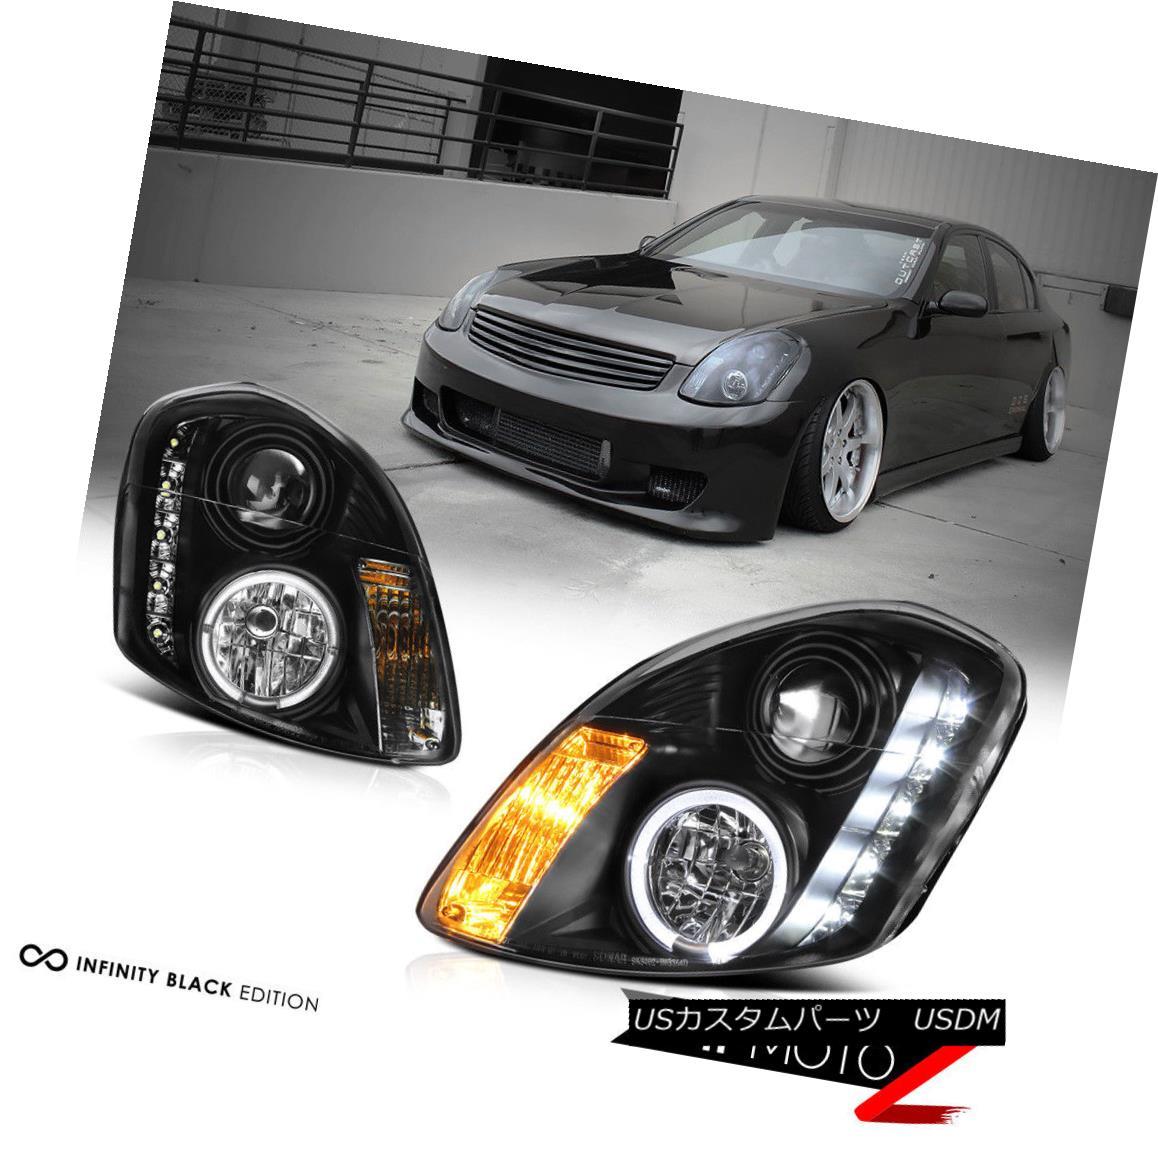 ヘッドライト For 2003-2004 G35 4 DR Sedan Black Projector Halo LED Headlight Lamp Left Right 2003-2004 G35 4 DRセダンブラックプロジェクター用Halo LEDヘッドライトランプ左右